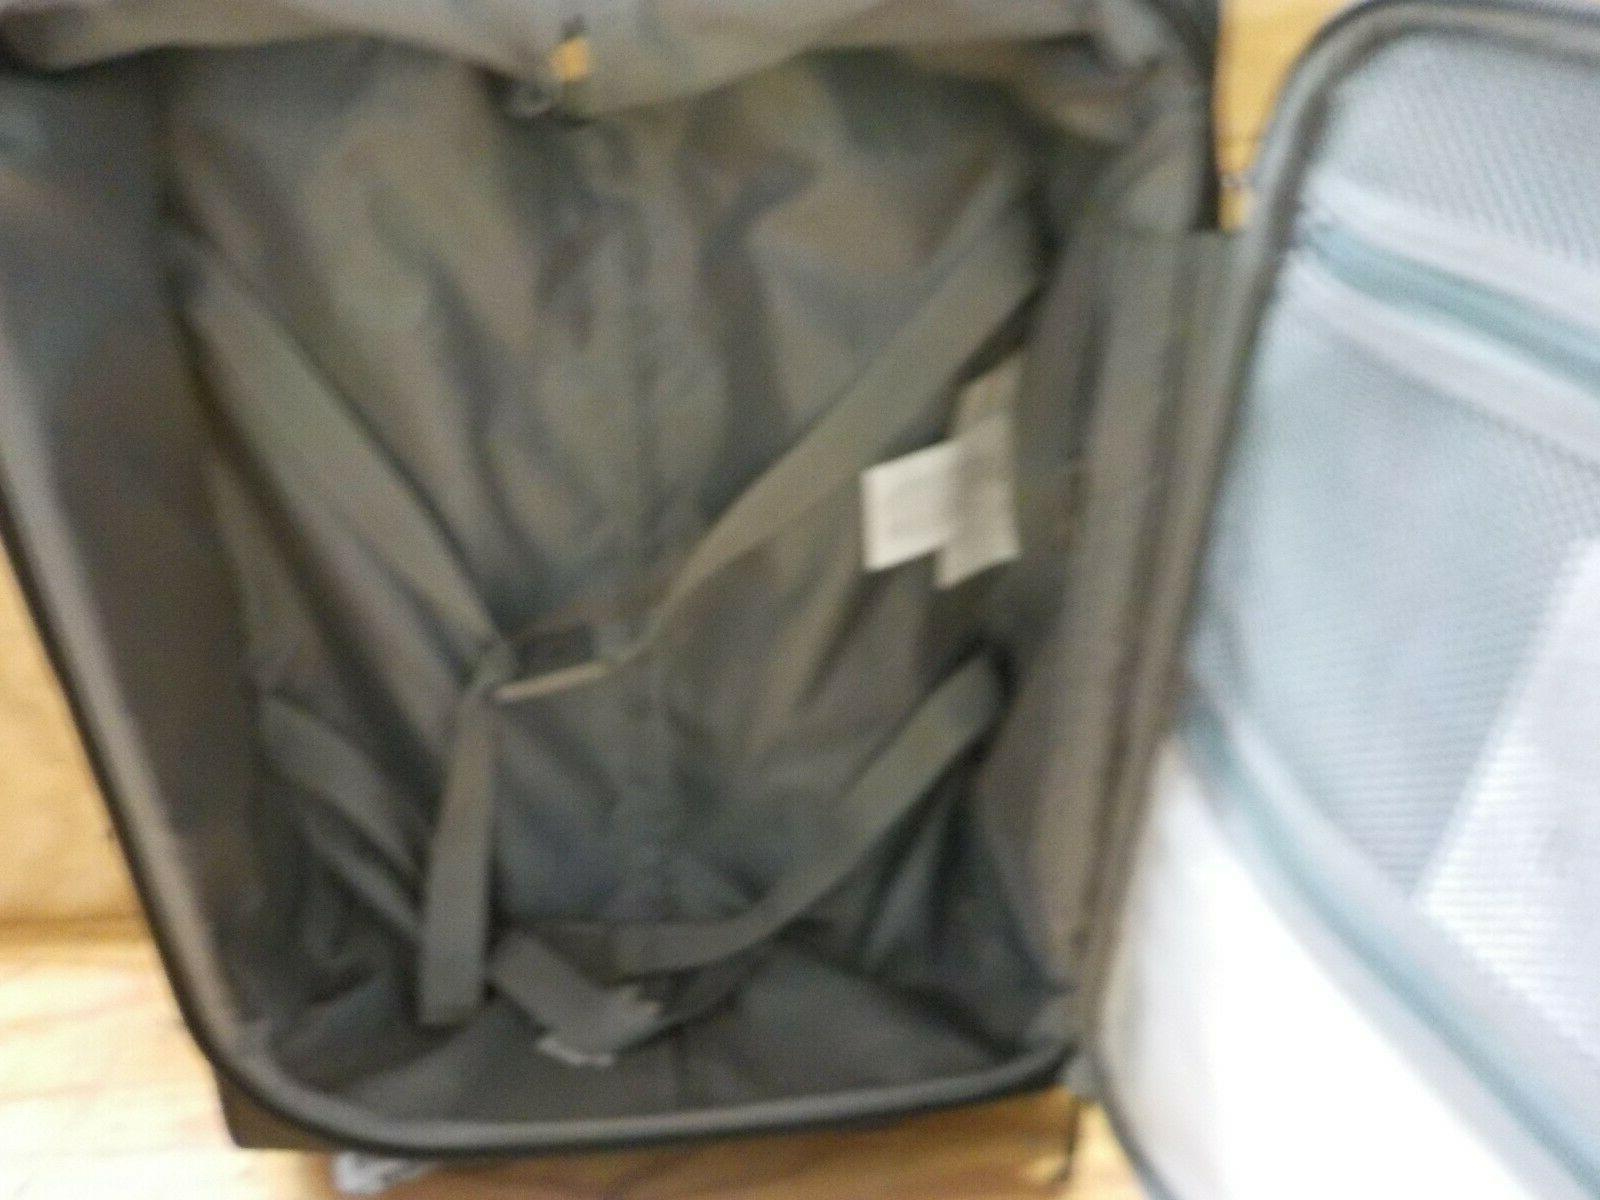 AmazonBasics Upright Expandable Softside Suitcase